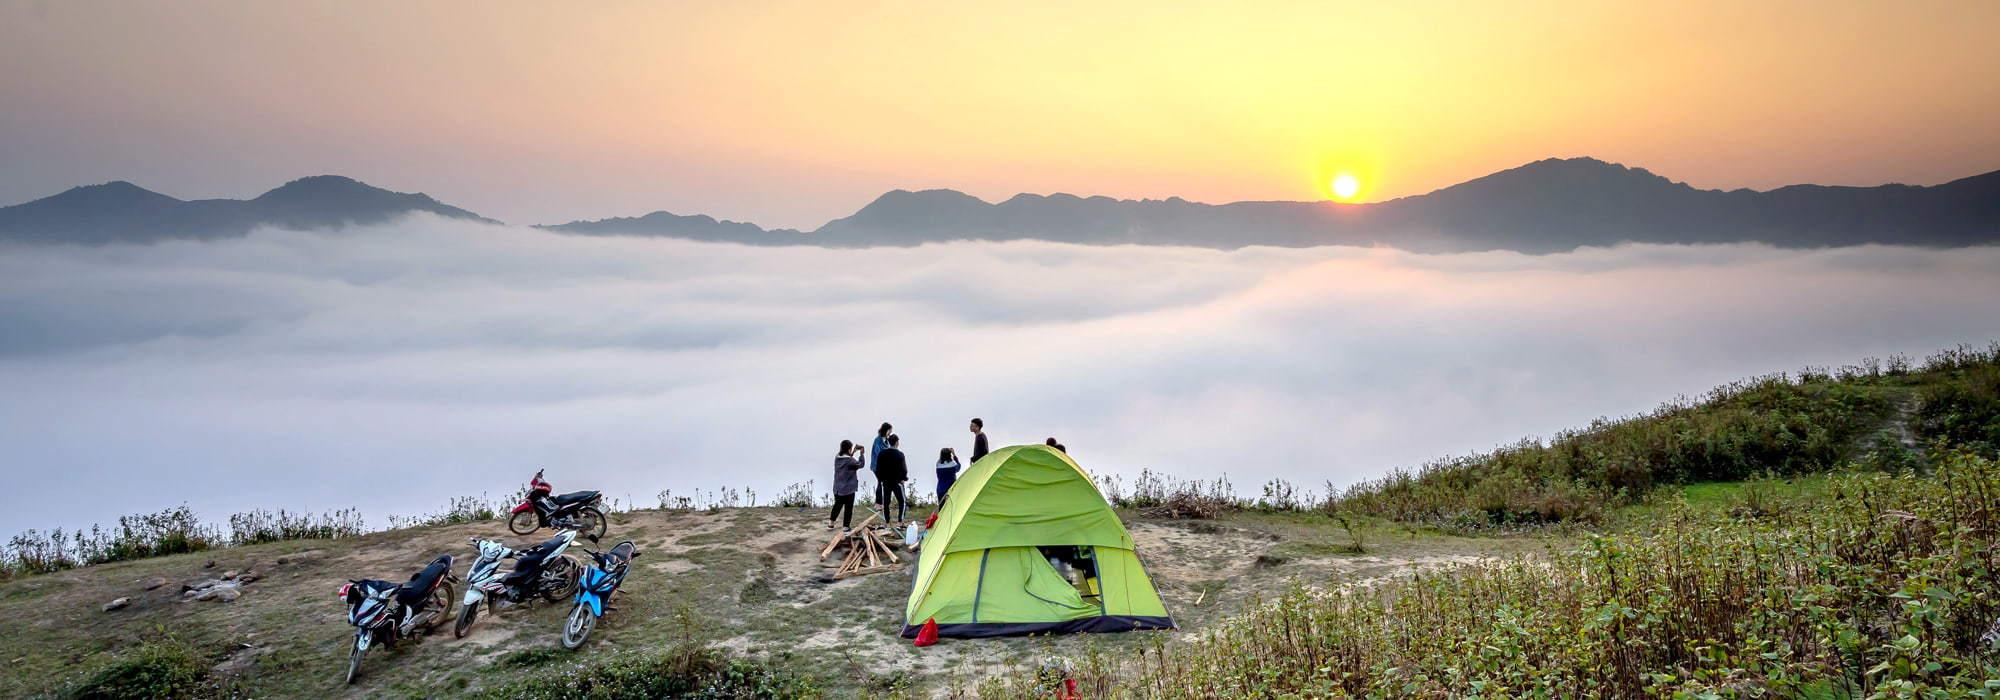 【露營懶人包】香港Camping熱點好去處|新手必讀攻略|Kama Delivery效遊野餐到會外賣專家